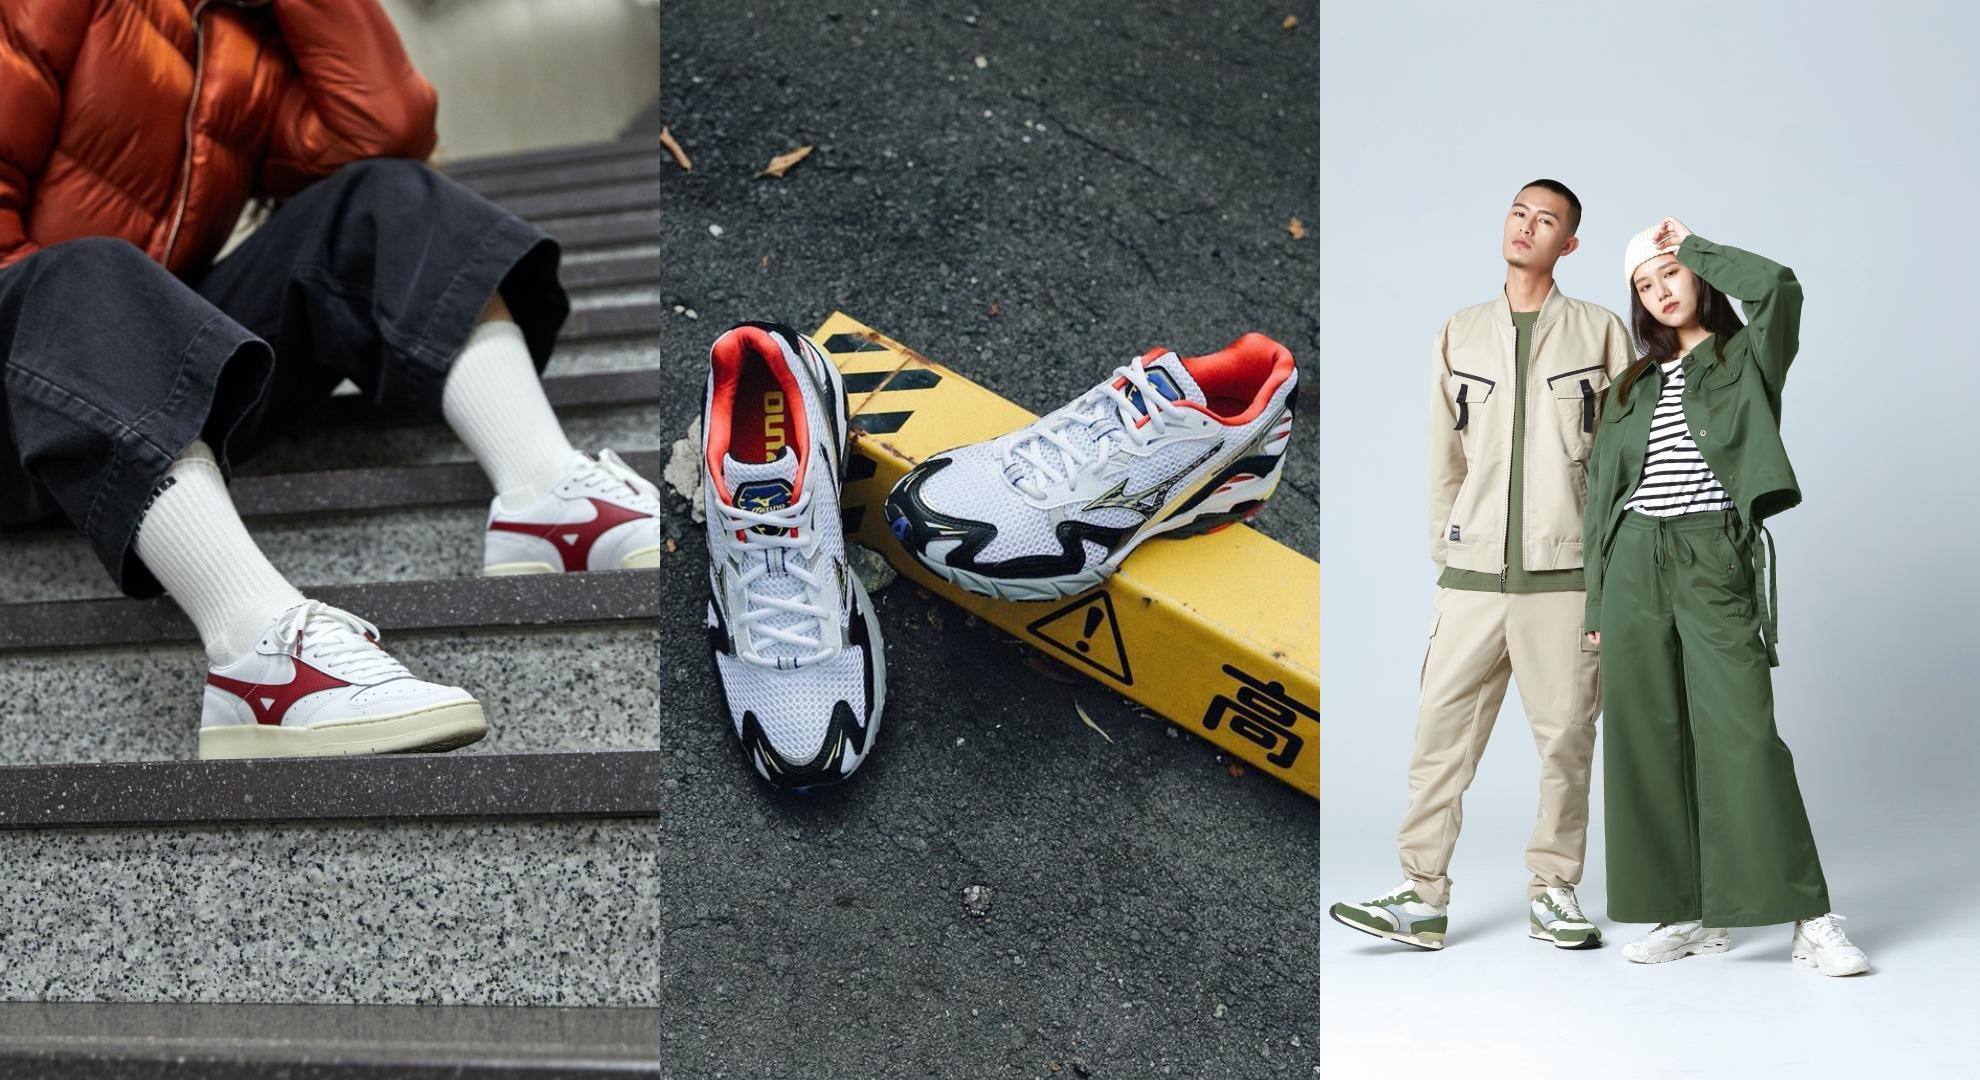 豈止是復古? J 編的鞋履口袋名單大公開!永不退燒的「復古」關鍵字加上 _____,定義經典新風格!